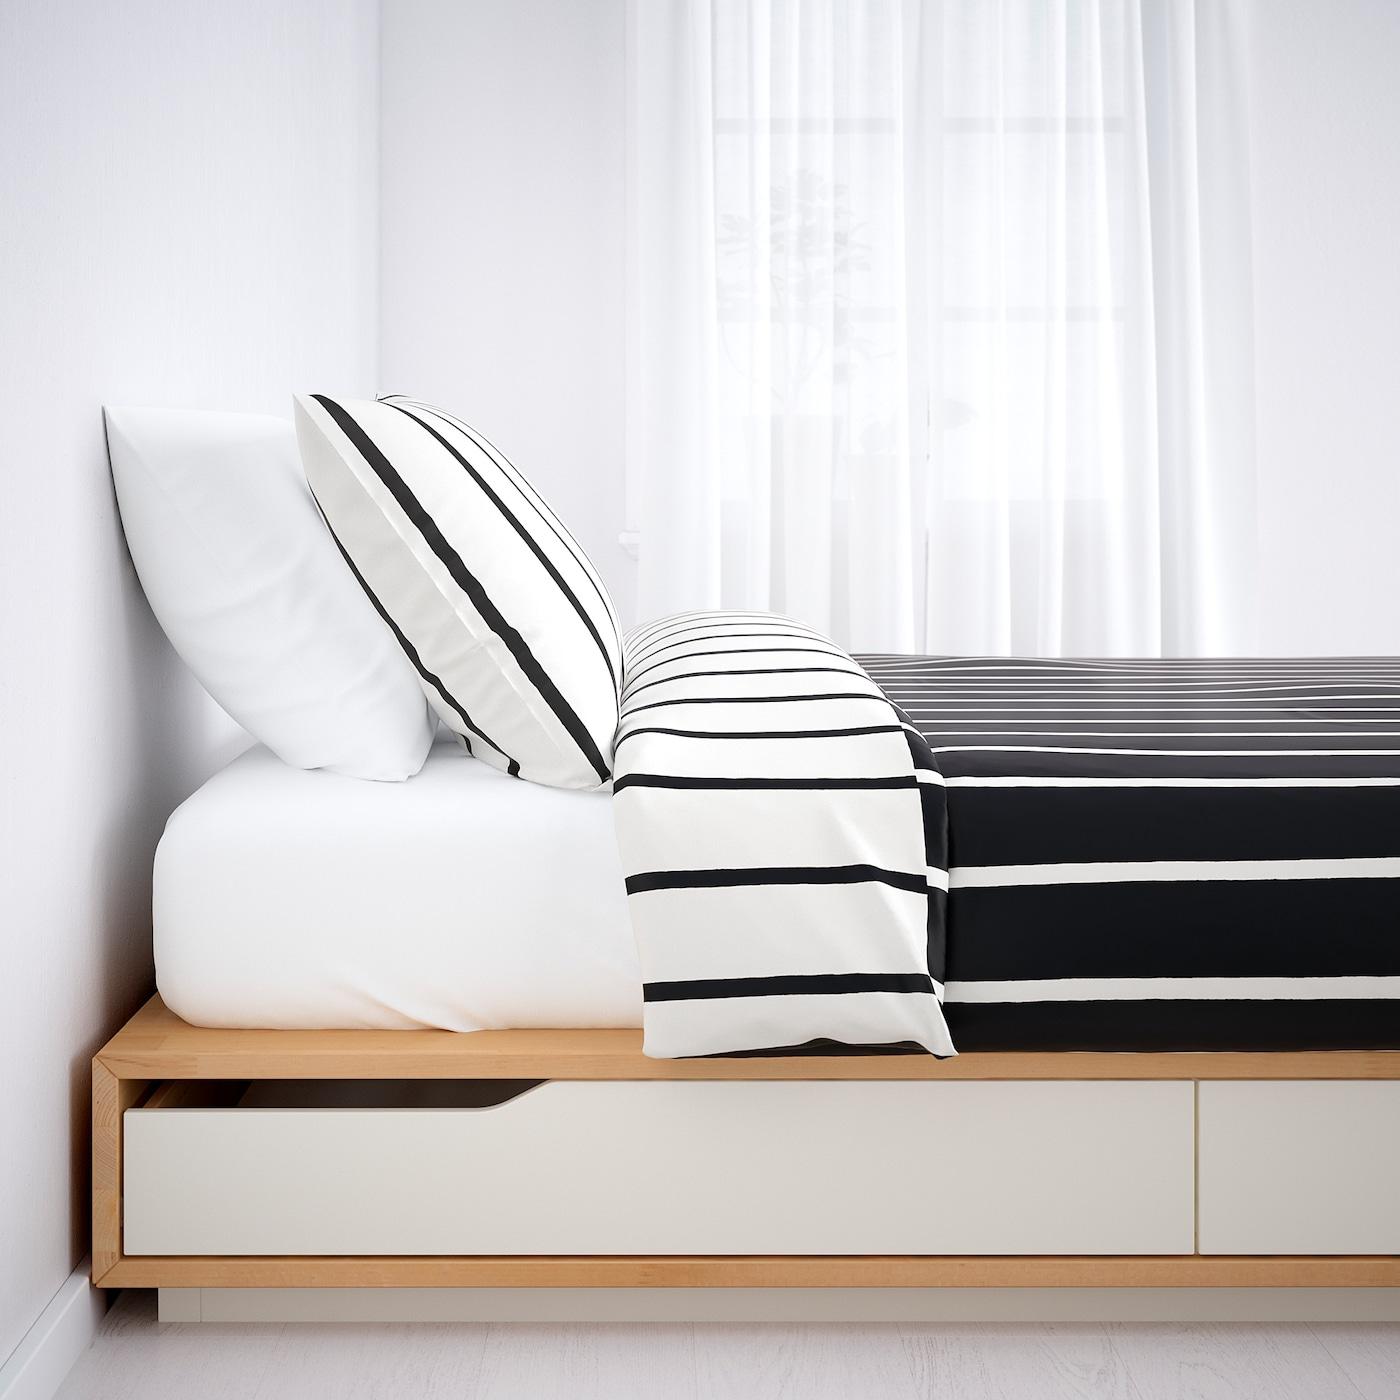 MANDAL Bettgestell mit Schubladen   Birke/weiß 12x12 cm